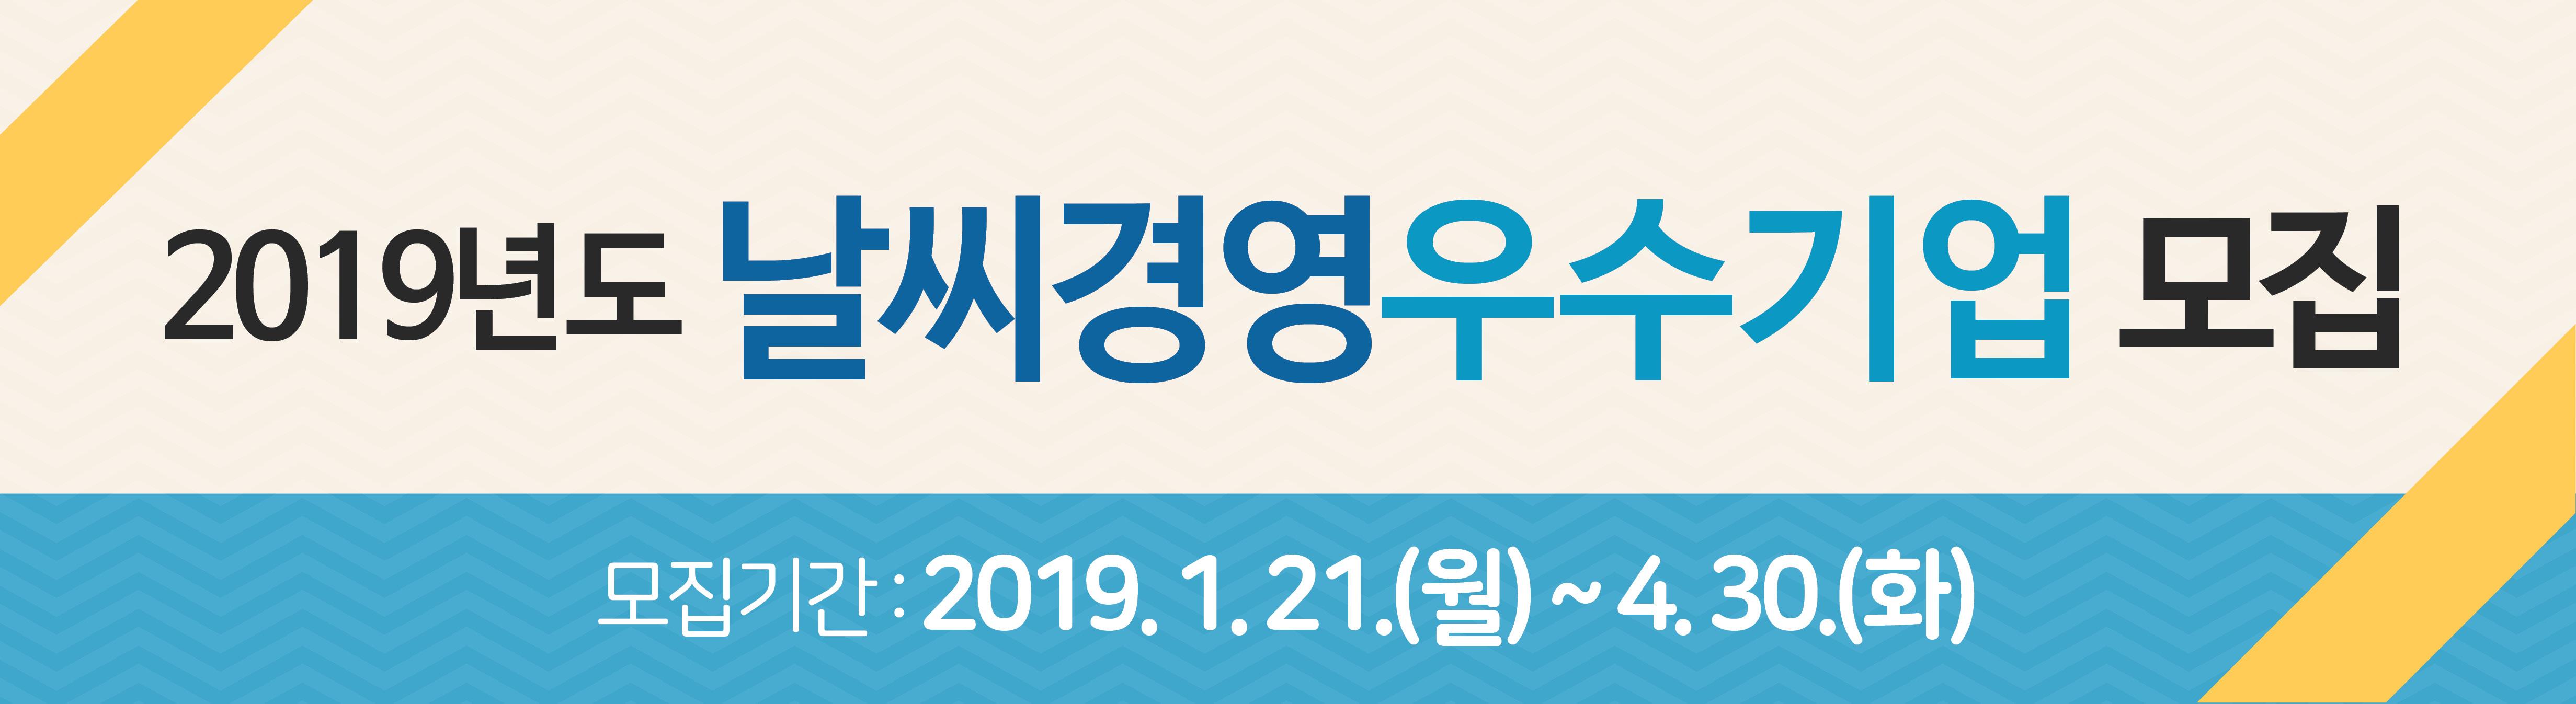 2019년도 날씨경영우수기업 모집 공고 신청기간: 2019. 1. 21.(월) ~ 4. 30.(화),